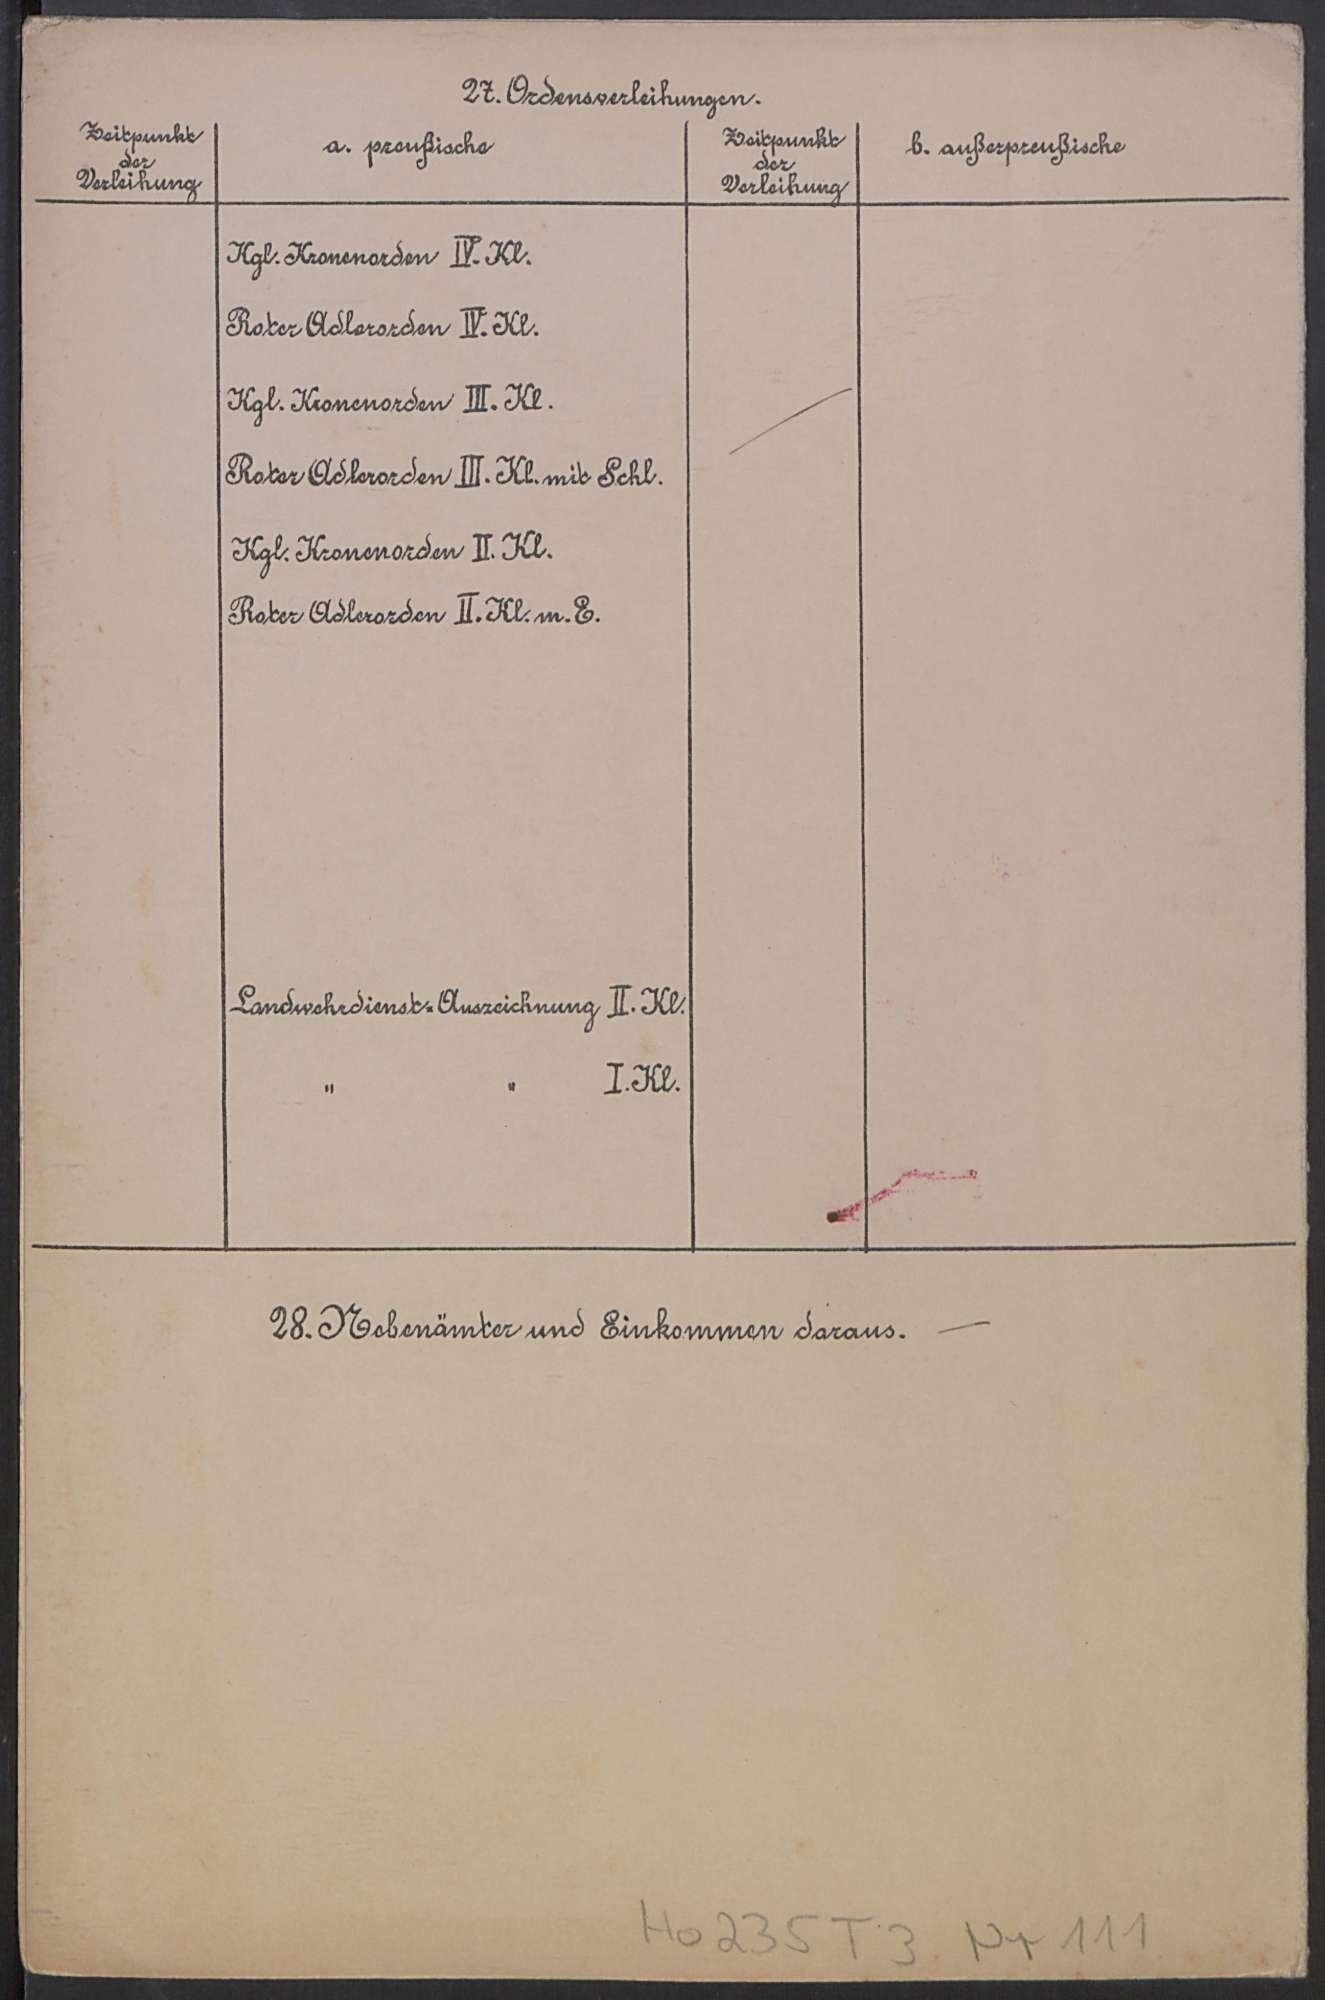 Verwaltung des Regierungspräsidiums, Bild 3